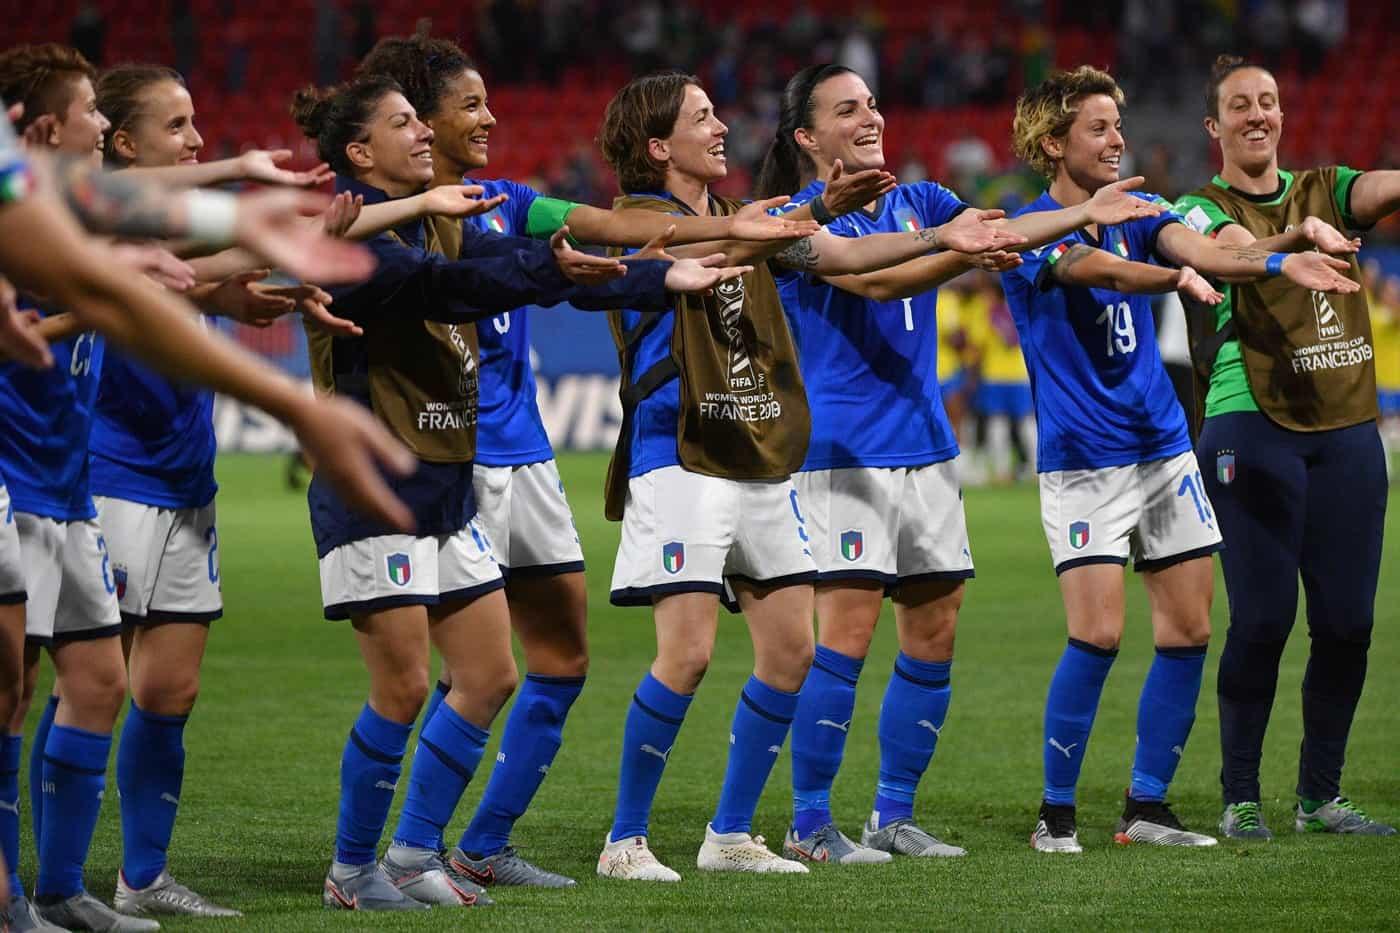 Italia Olanda, Mondiali Femminili: sabato 29 giugno 2019 in diretta ...